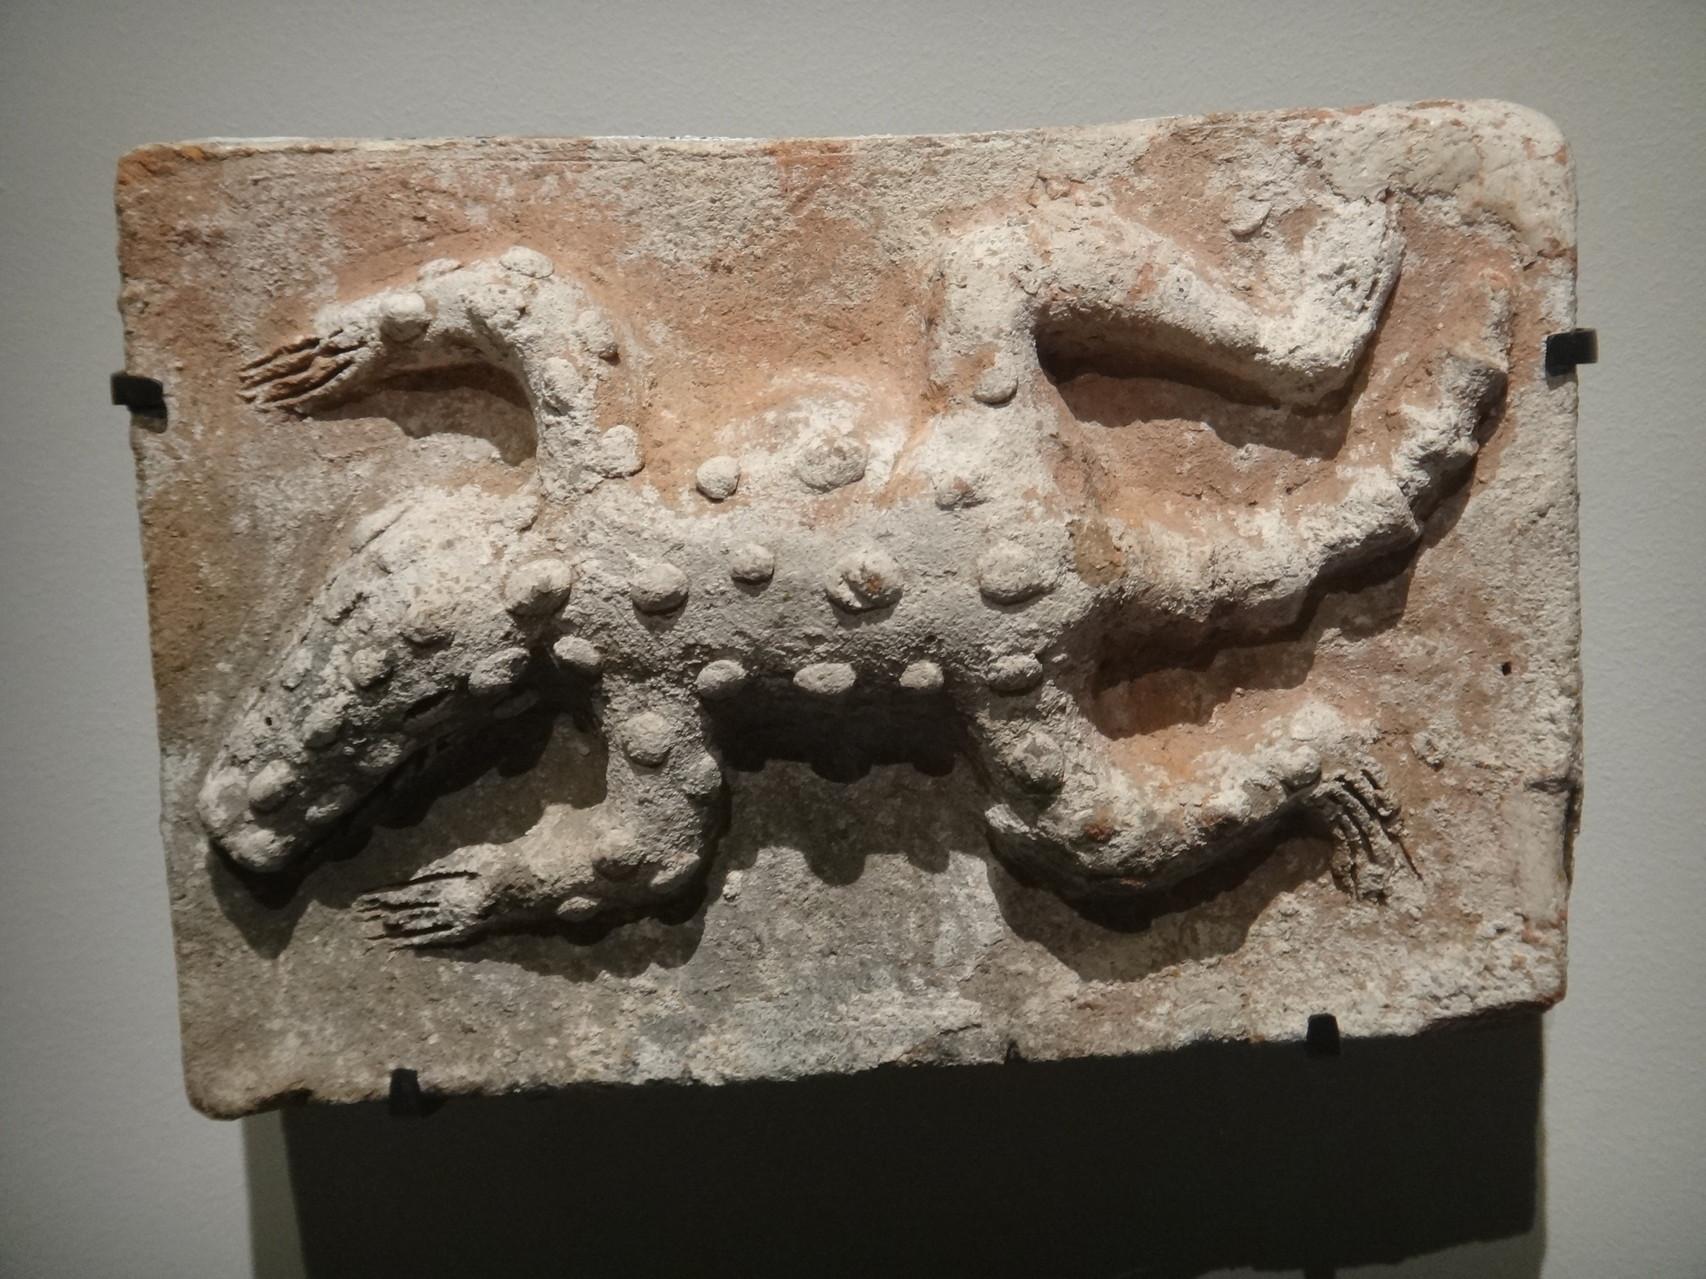 Brique ornée d'un crocodile - Comalcalco, Tabasco, Mexique. 250-600 (céramique) Sa peau évoque la surface de la terre tandis que sa gueule ouverte suggère la caverne conduisant au monde des morts